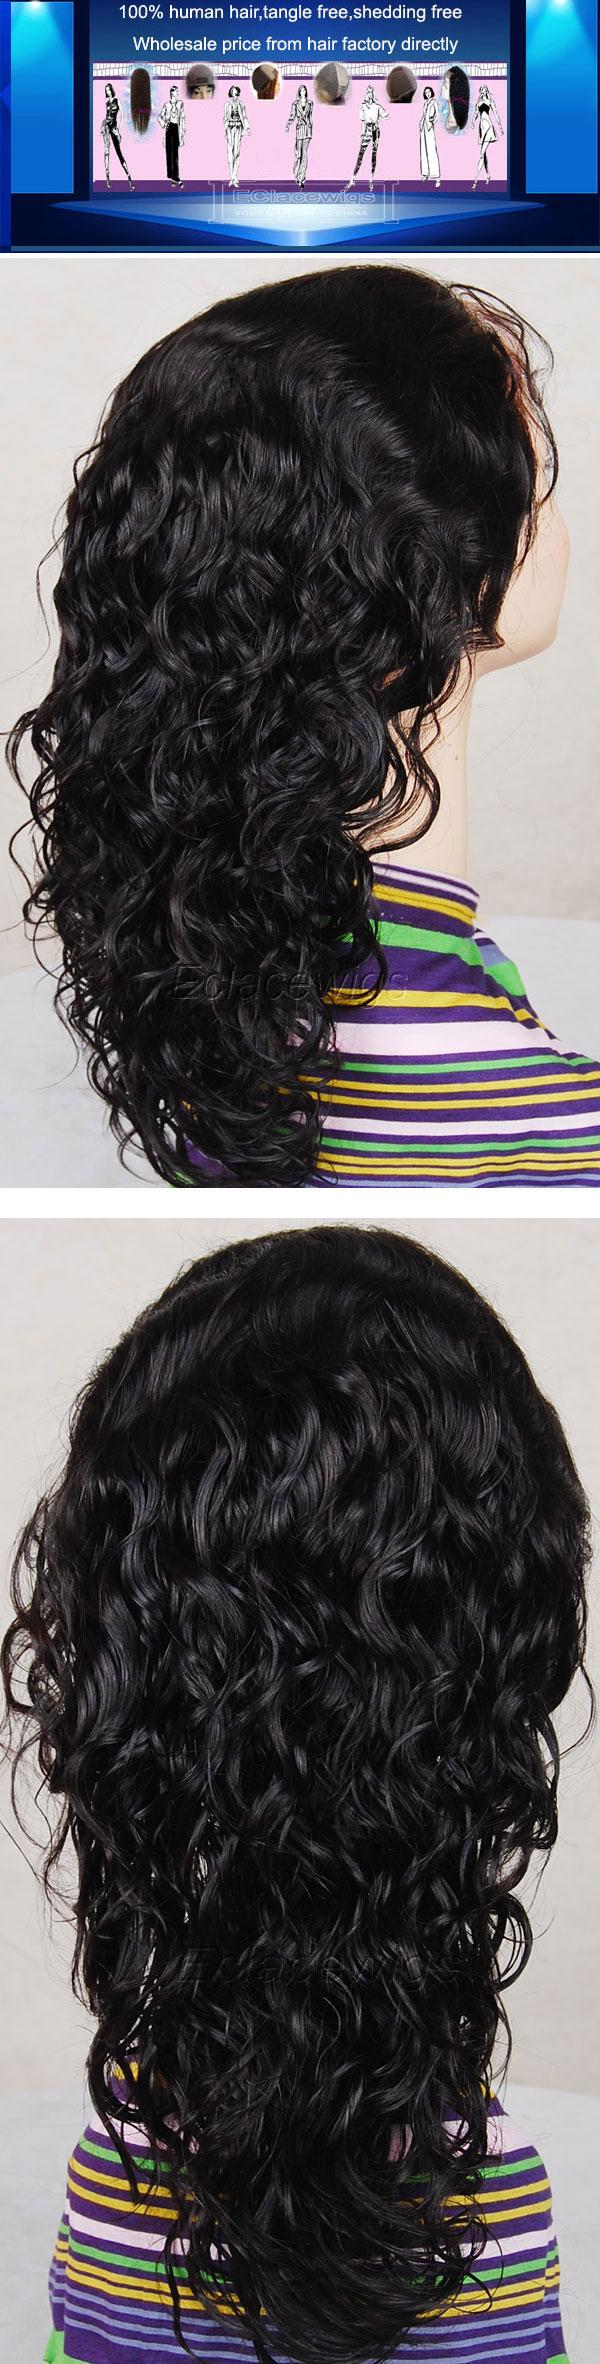 25 curl wig